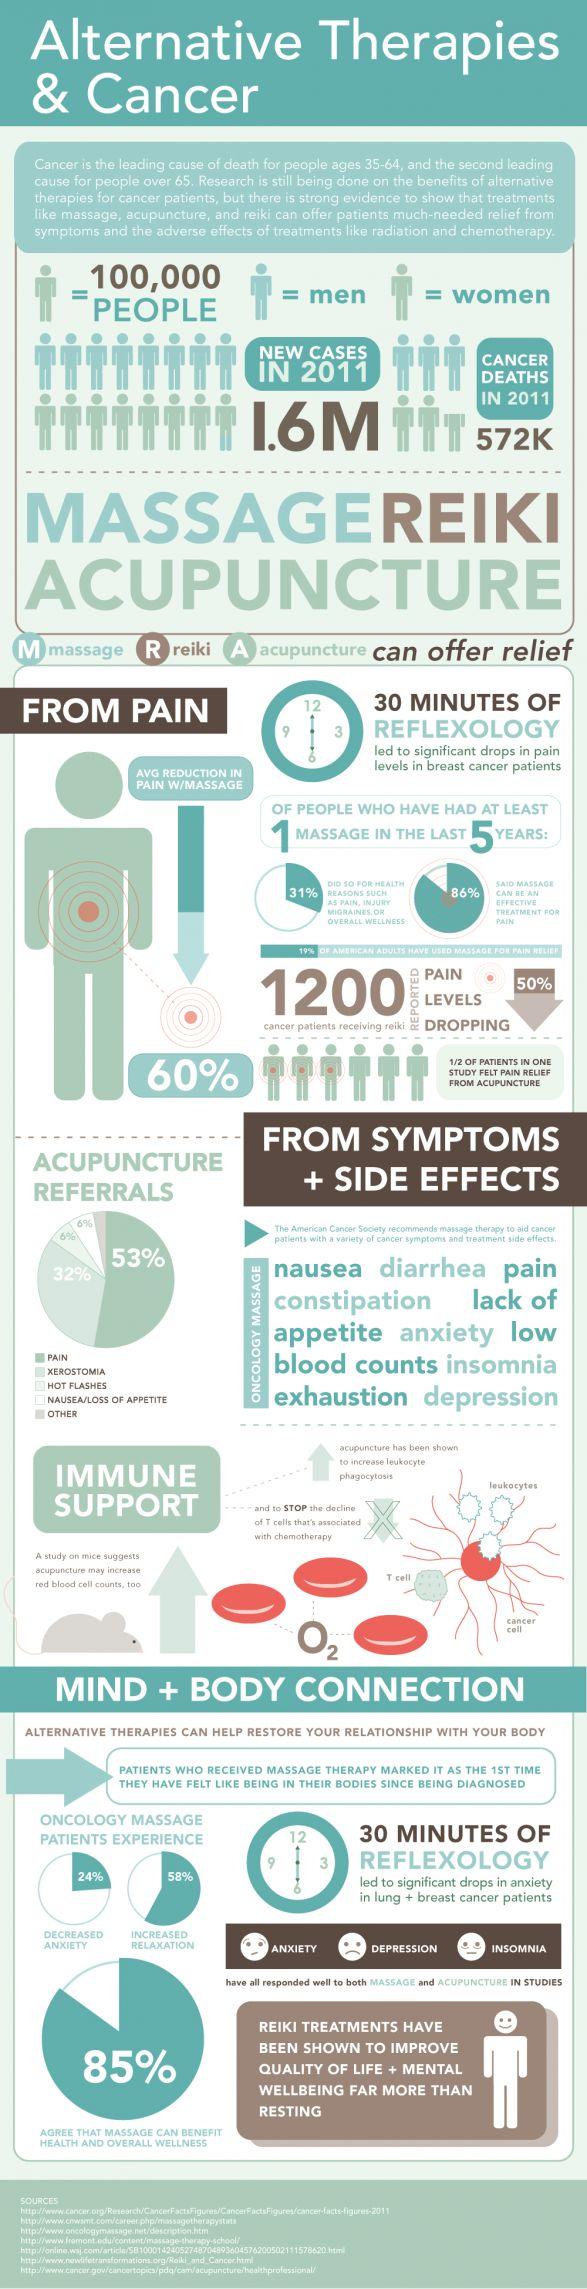 Alternative #Therapies & #Cancer | #infographic #heath #medicine #massage #reiki #acupuncture